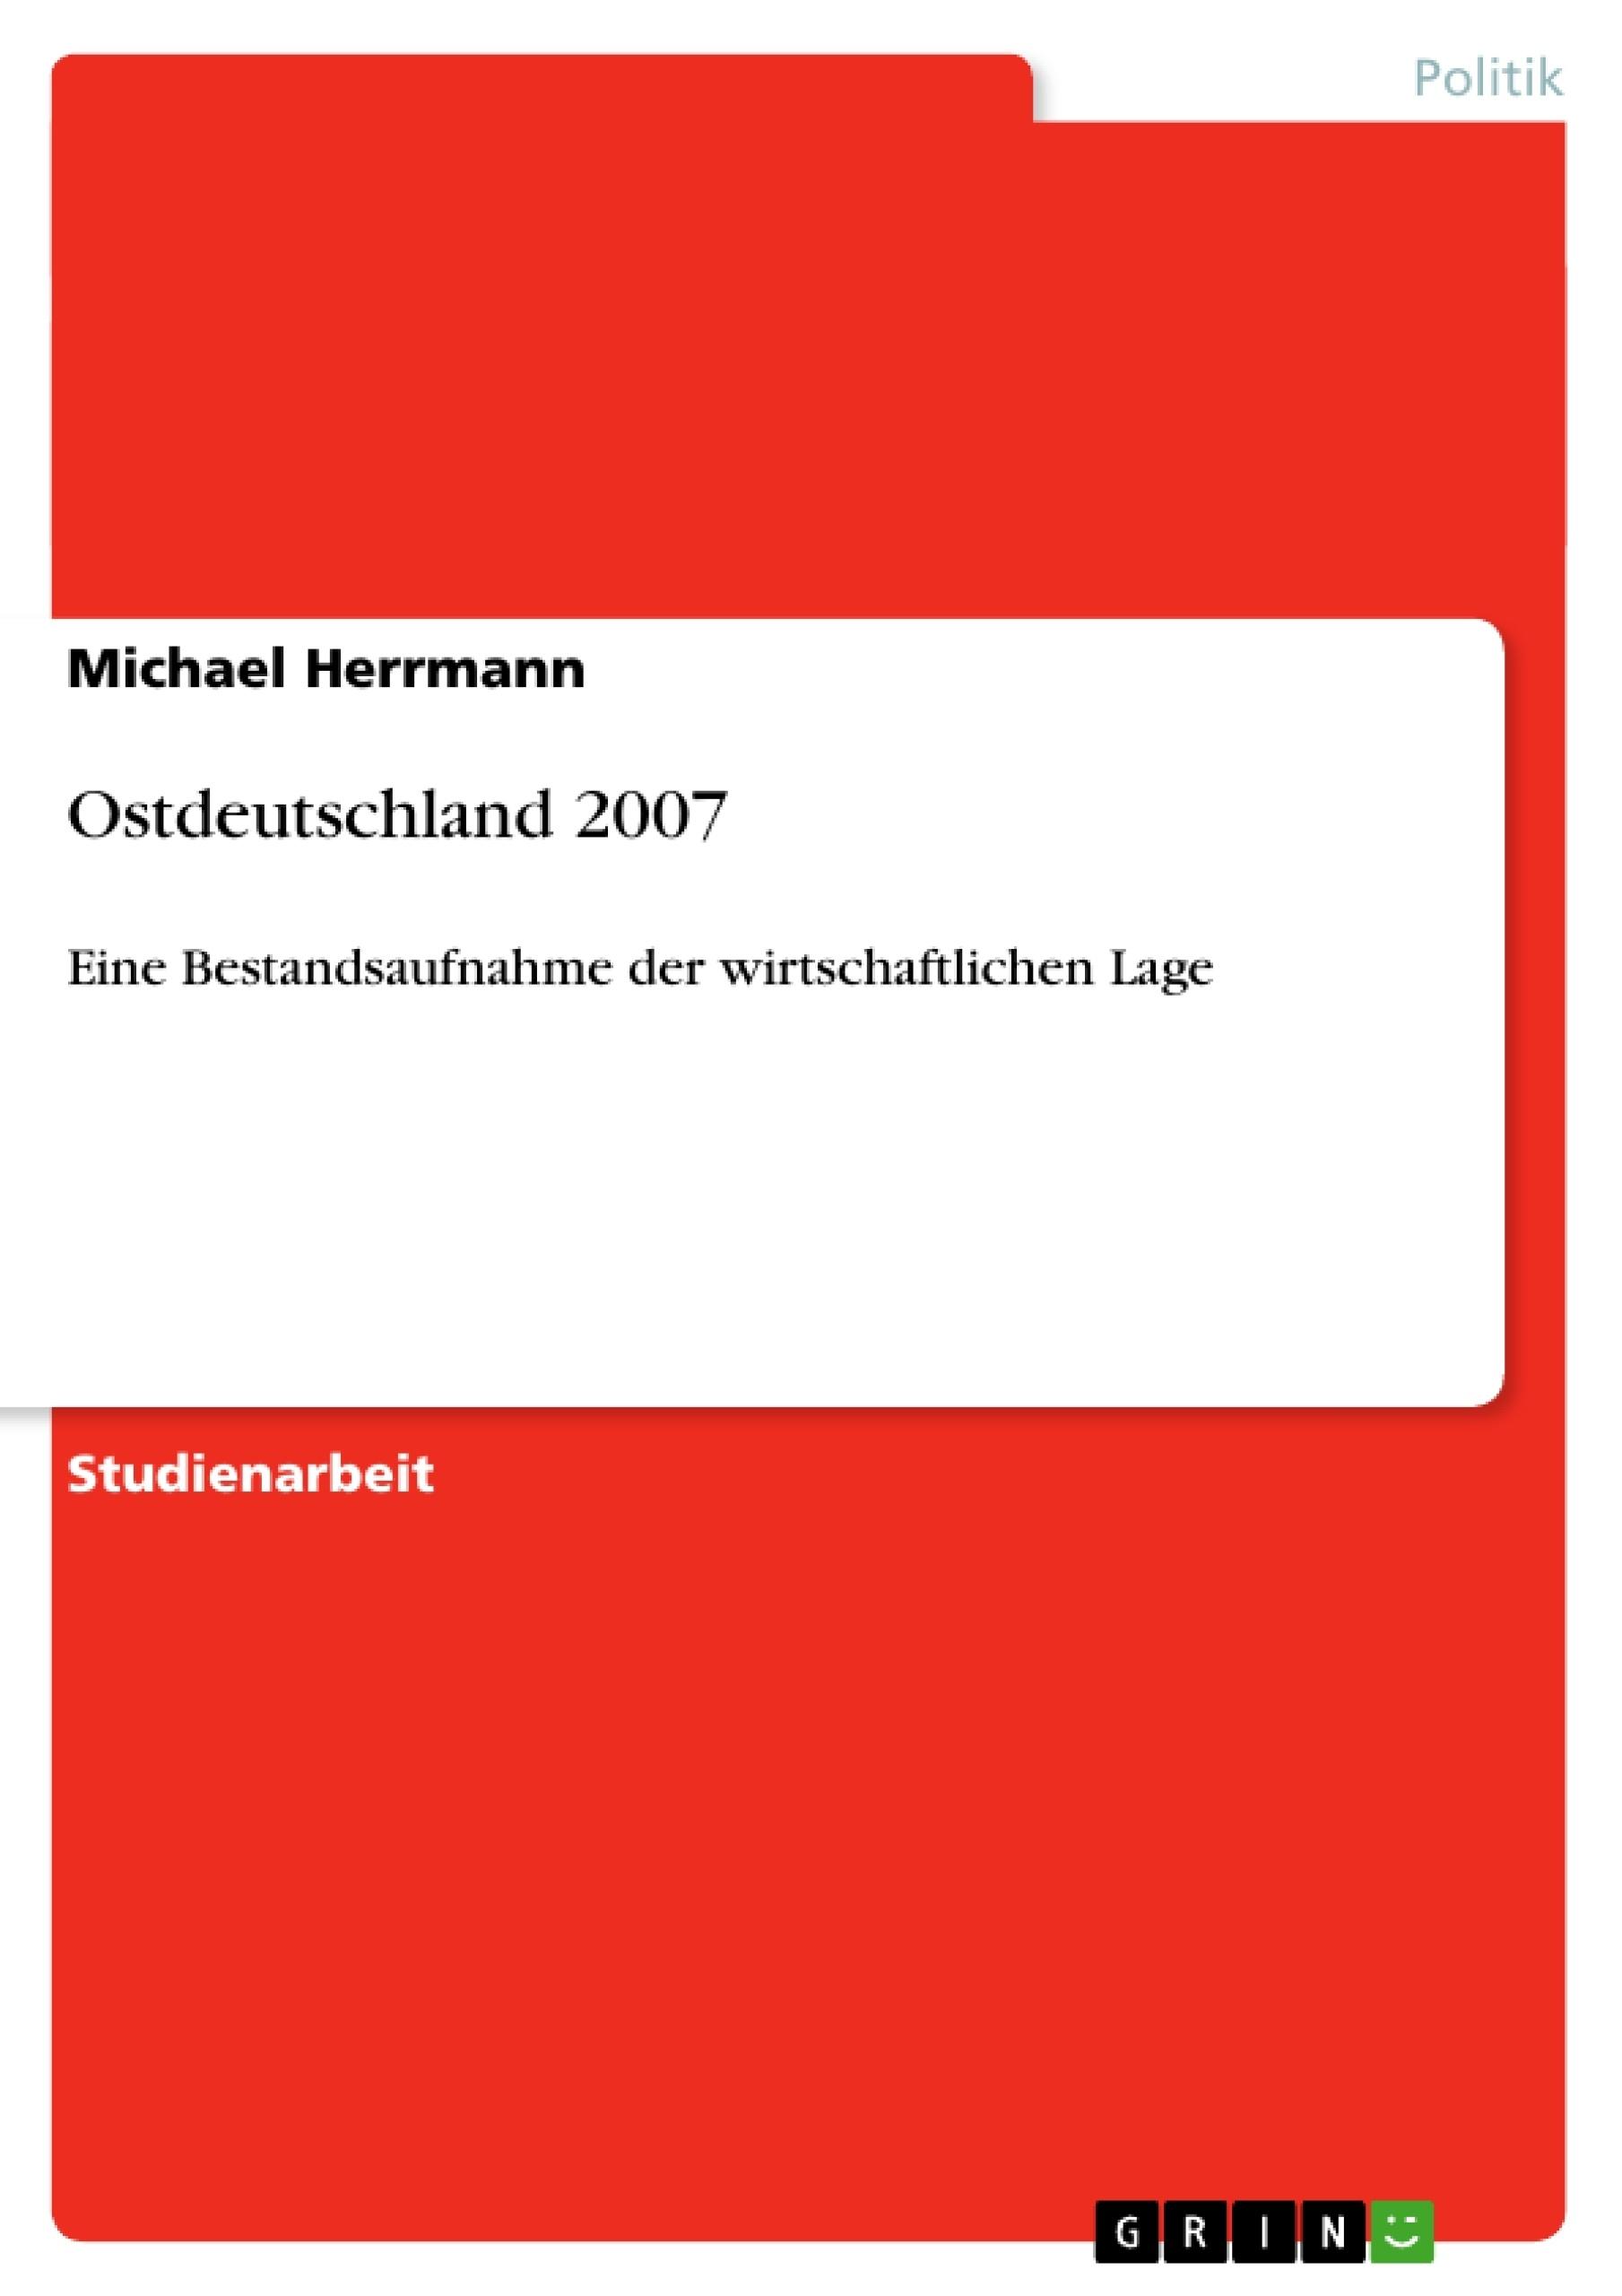 Titel: Ostdeutschland 2007